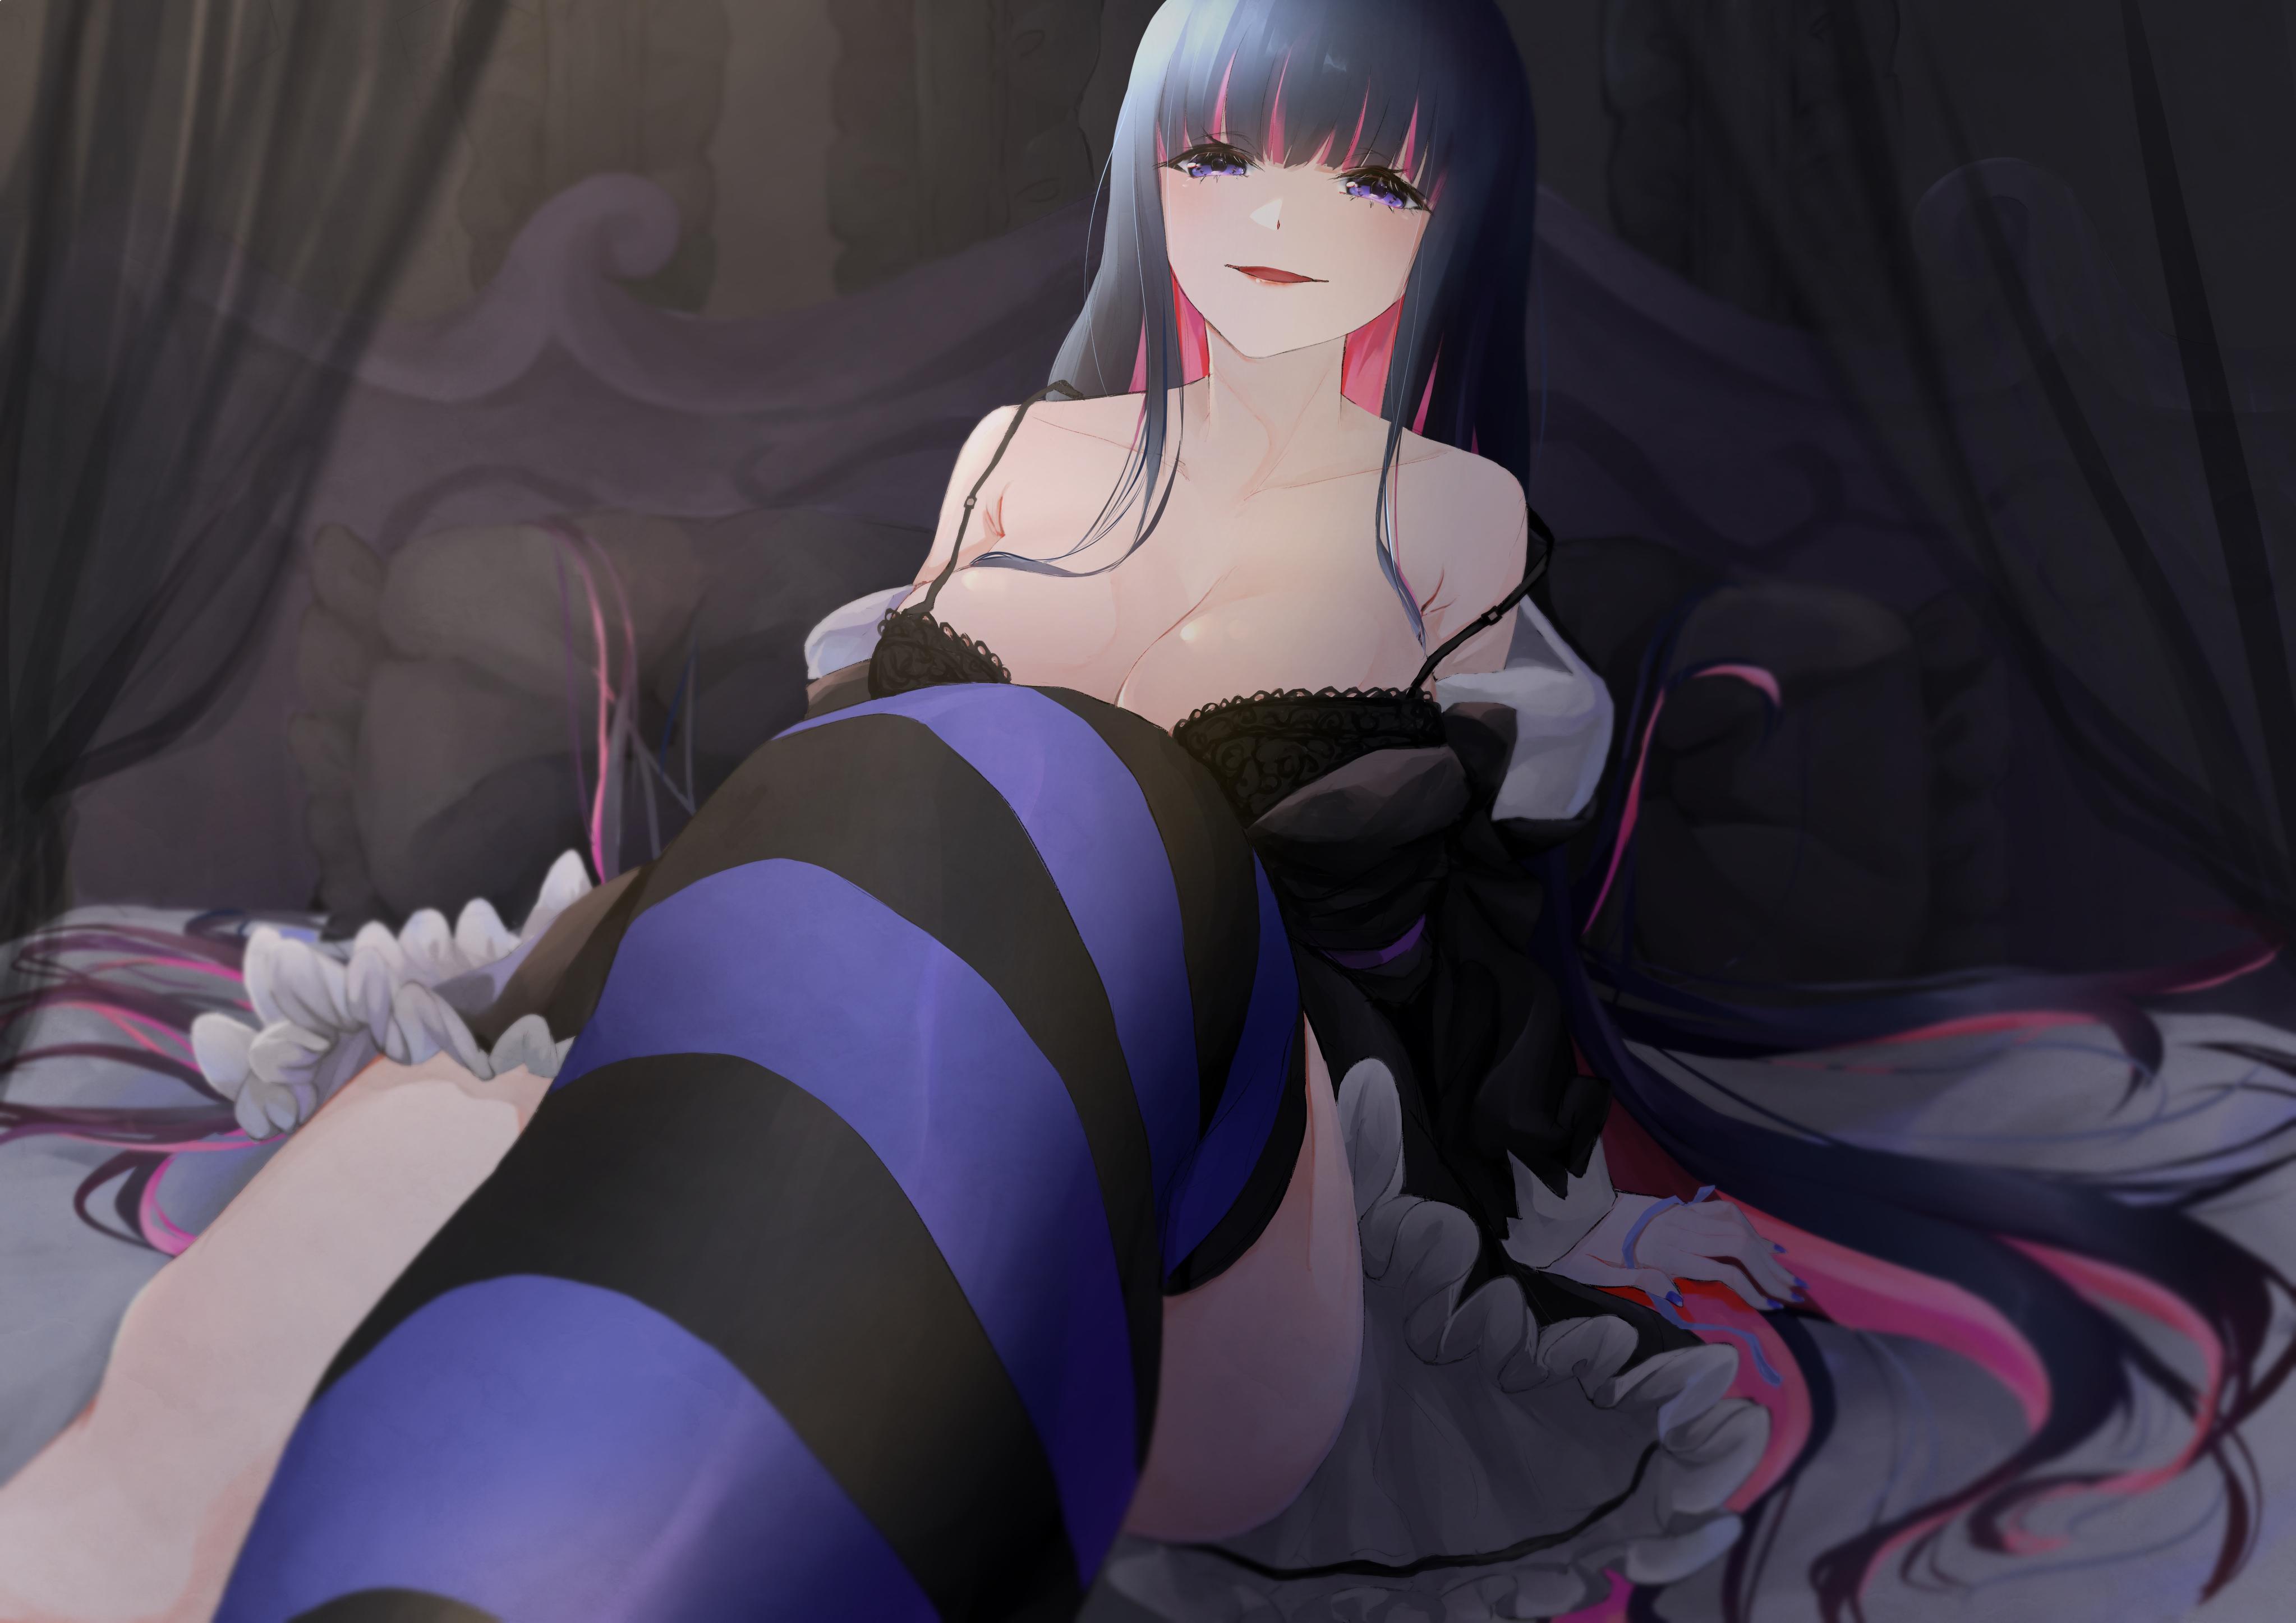 Картинка: Девушка, большая грудь, бюстгальтер, улыбка, ножки, волосы, чулок